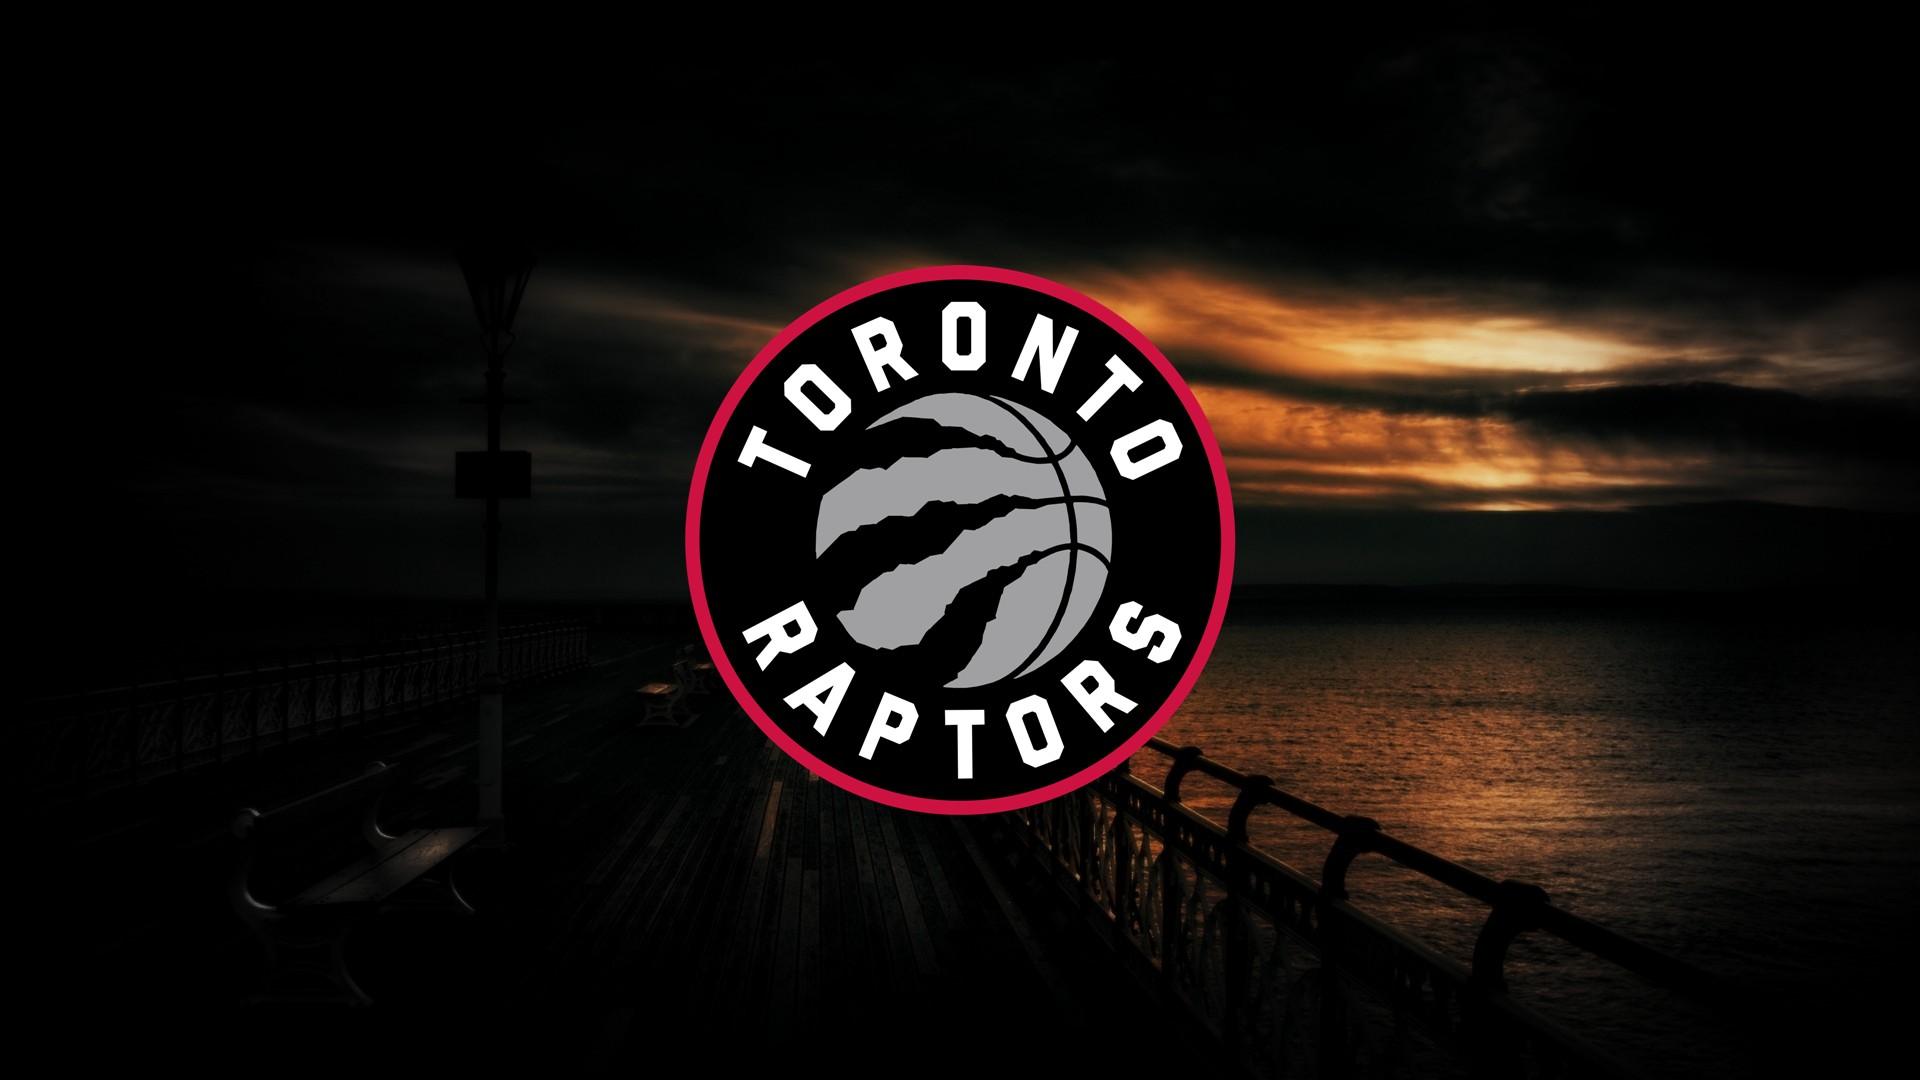 HD Desktop Wallpaper Raptors Basketball 2019 Basketball Wallpaper 1920x1080